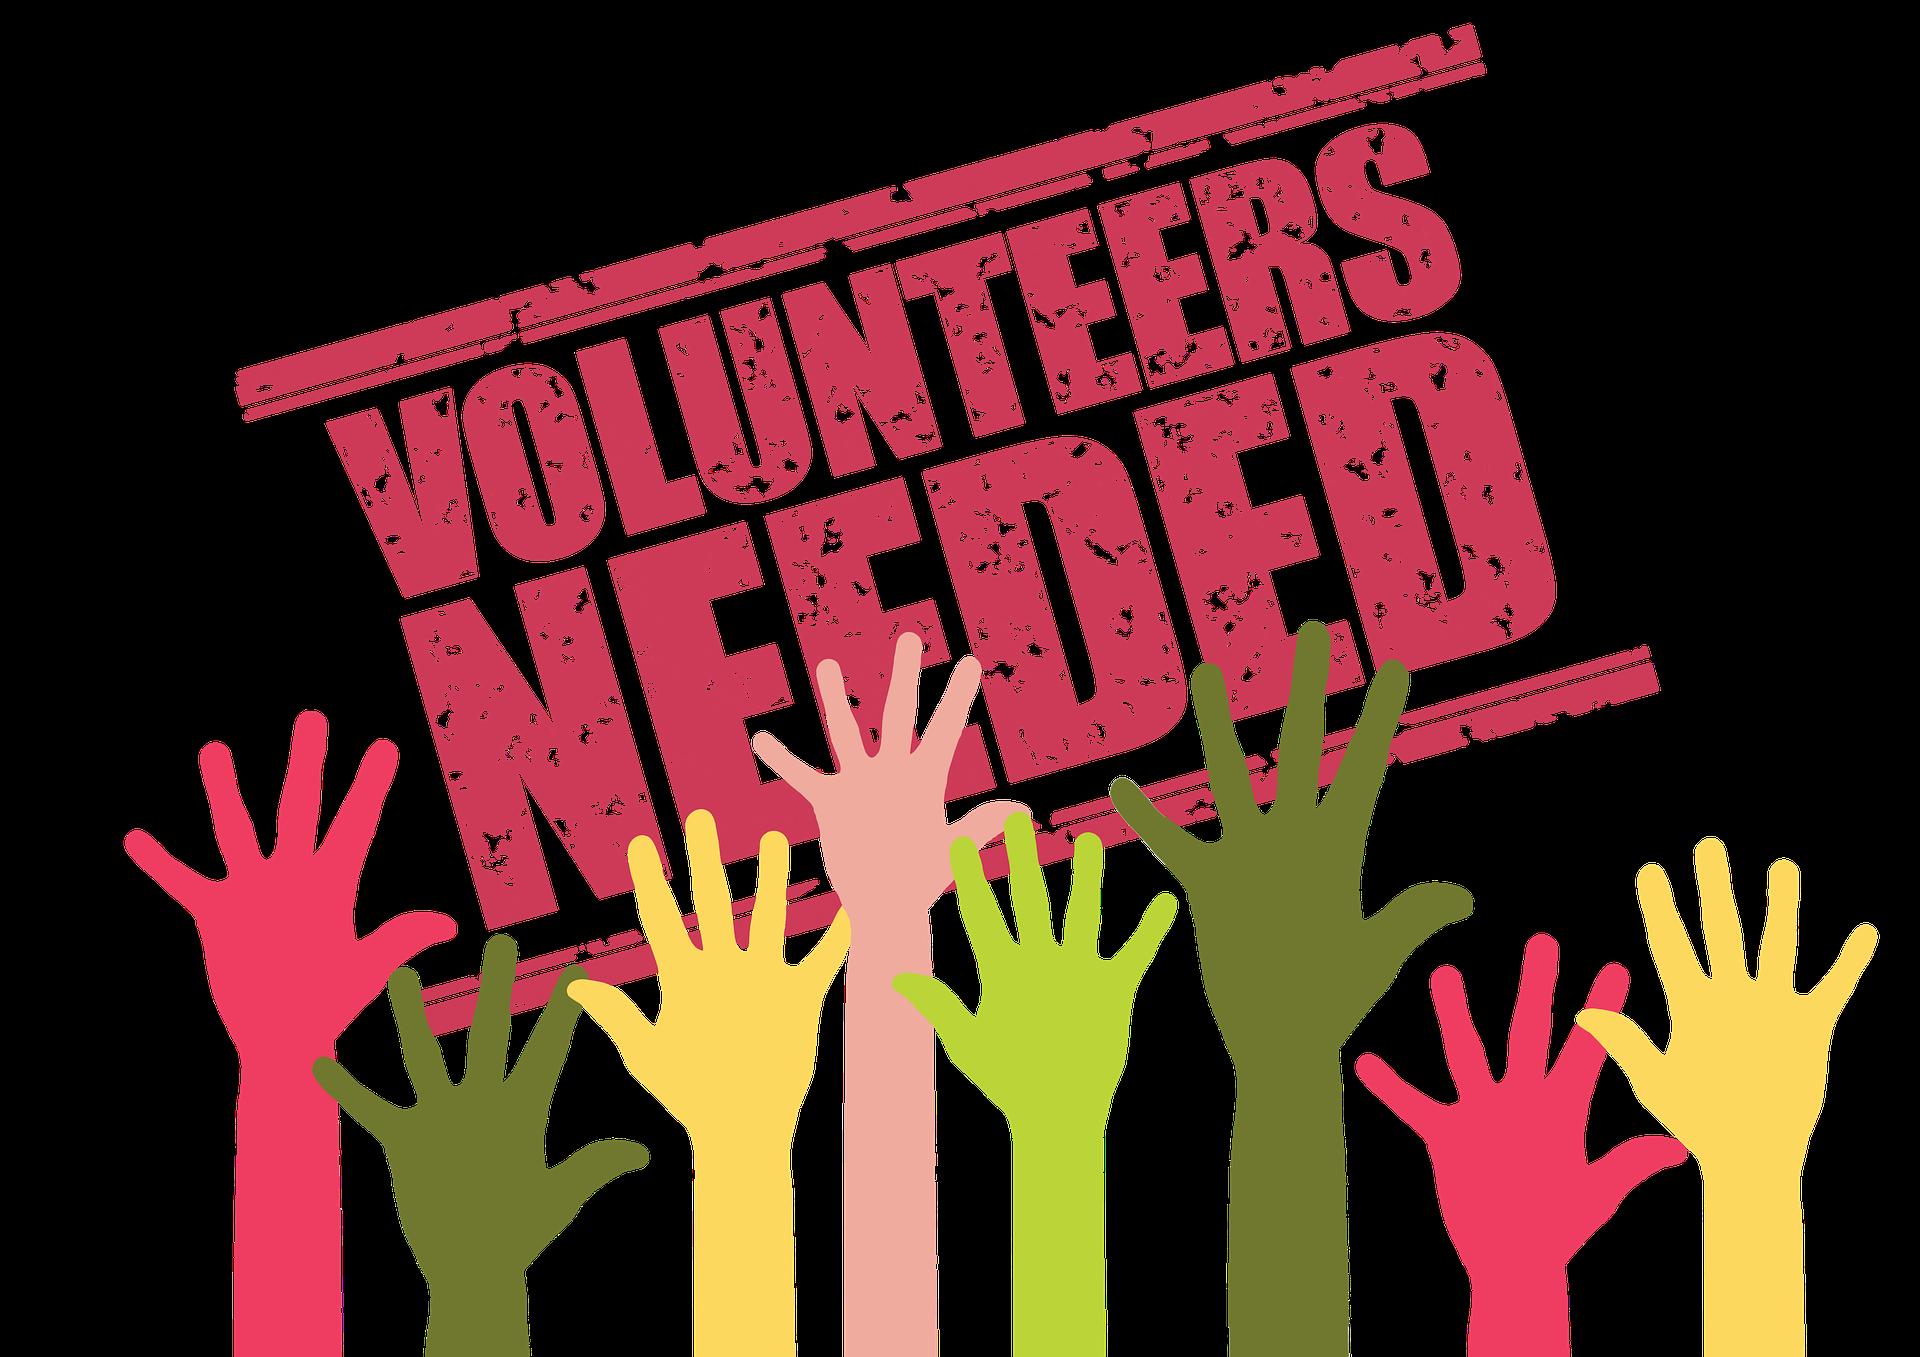 volunteers-3874924_1920.png